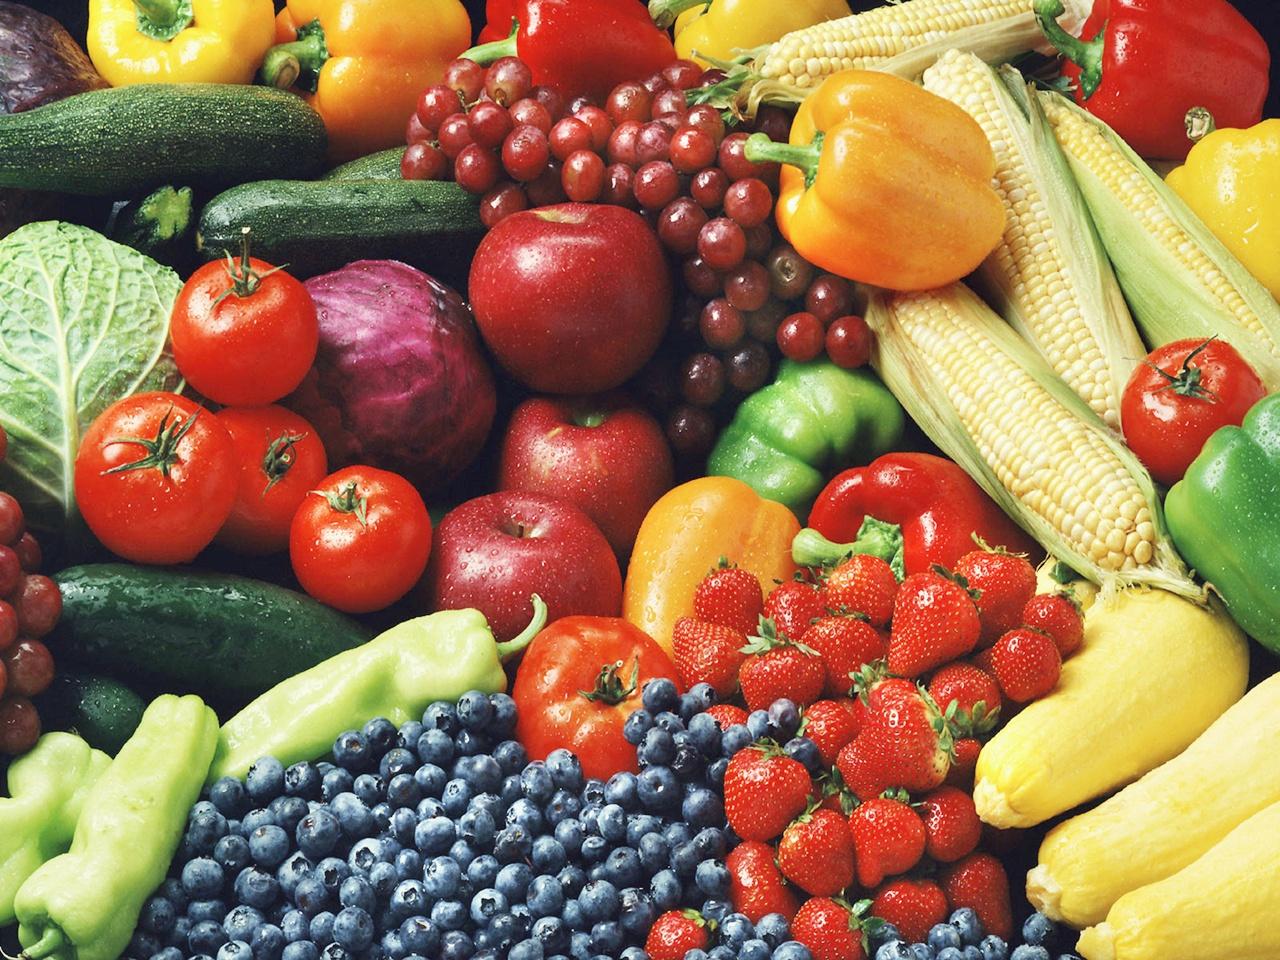 Un motiv în plus să mâncăm fructe și legume